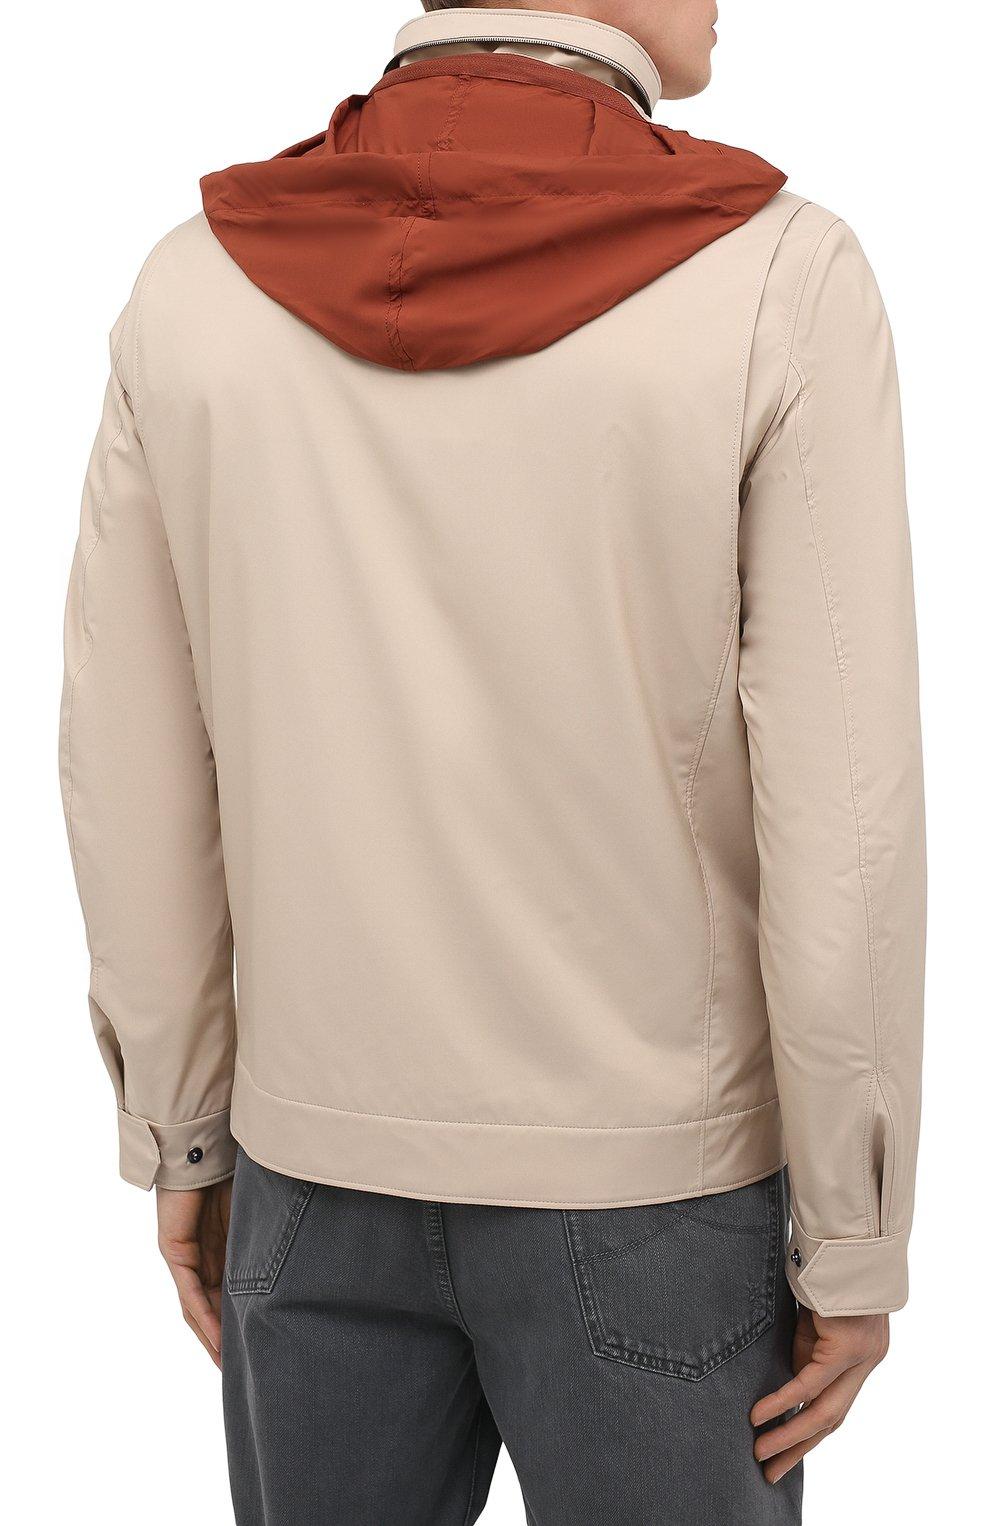 Мужская куртка LORO PIANA бежевого цвета, арт. FAL5139 | Фото 6 (Кросс-КТ: Куртка, Ветровка; Материал утеплителя: Шерсть; Рукава: Длинные; Материал внешний: Синтетический материал; Длина (верхняя одежда): Короткие; Стили: Кэжуэл)